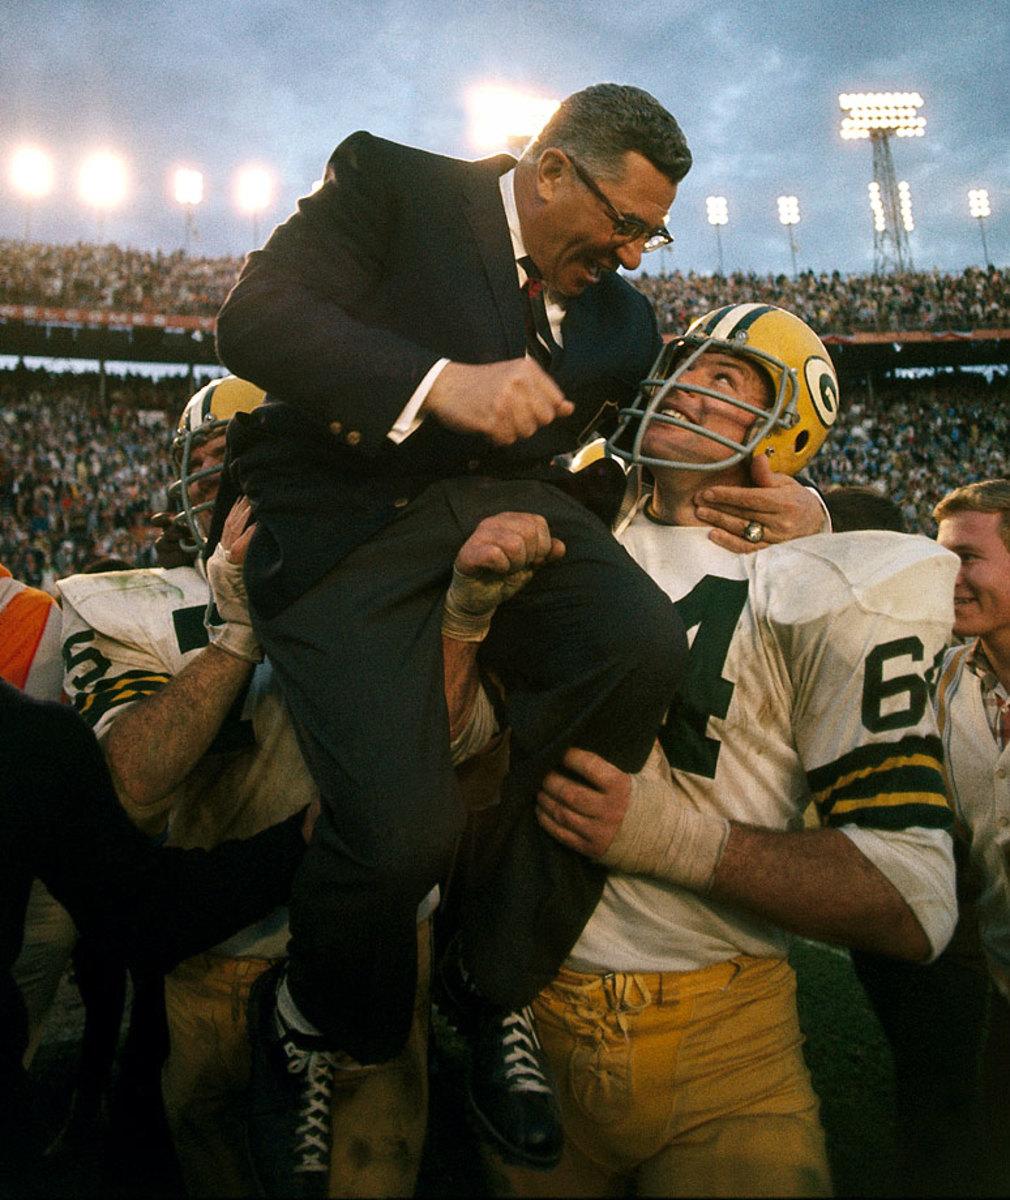 1968-Super-Bowl-II-Vince-Lombardi-Jerry-Kramer-Forrest-Gregg-001158044.jpg